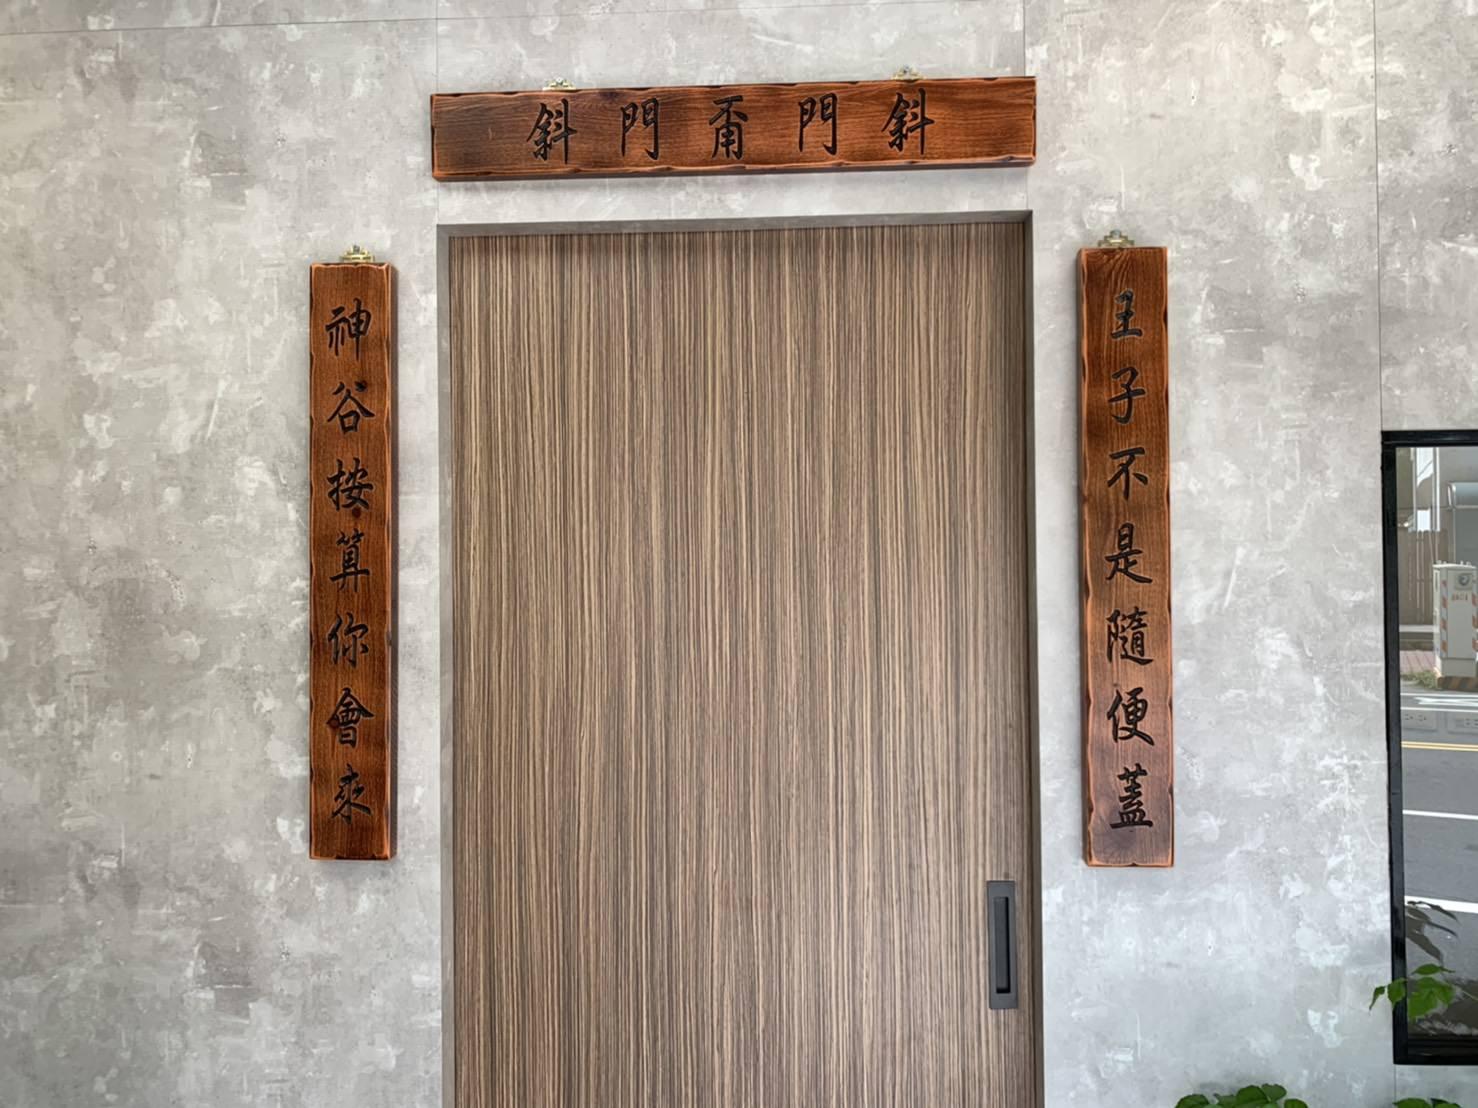 【台南 安平】王子神谷 安平旗艦總店 安平老街上的邪惡甜點